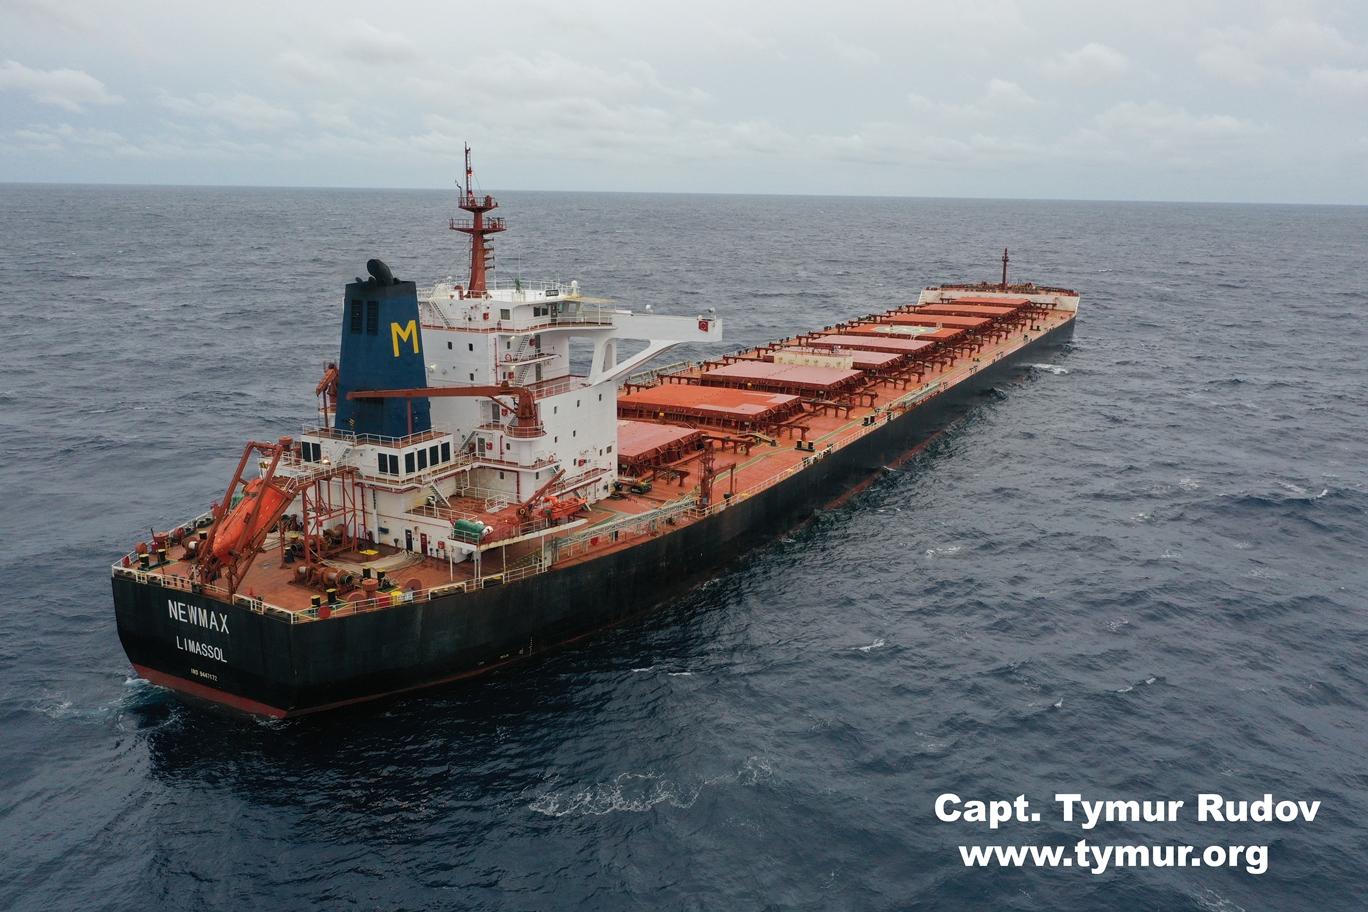 Раньше моряки ждали захода в порт чтобы отдохнуть. Теперь все иначе. Капитанский блог.